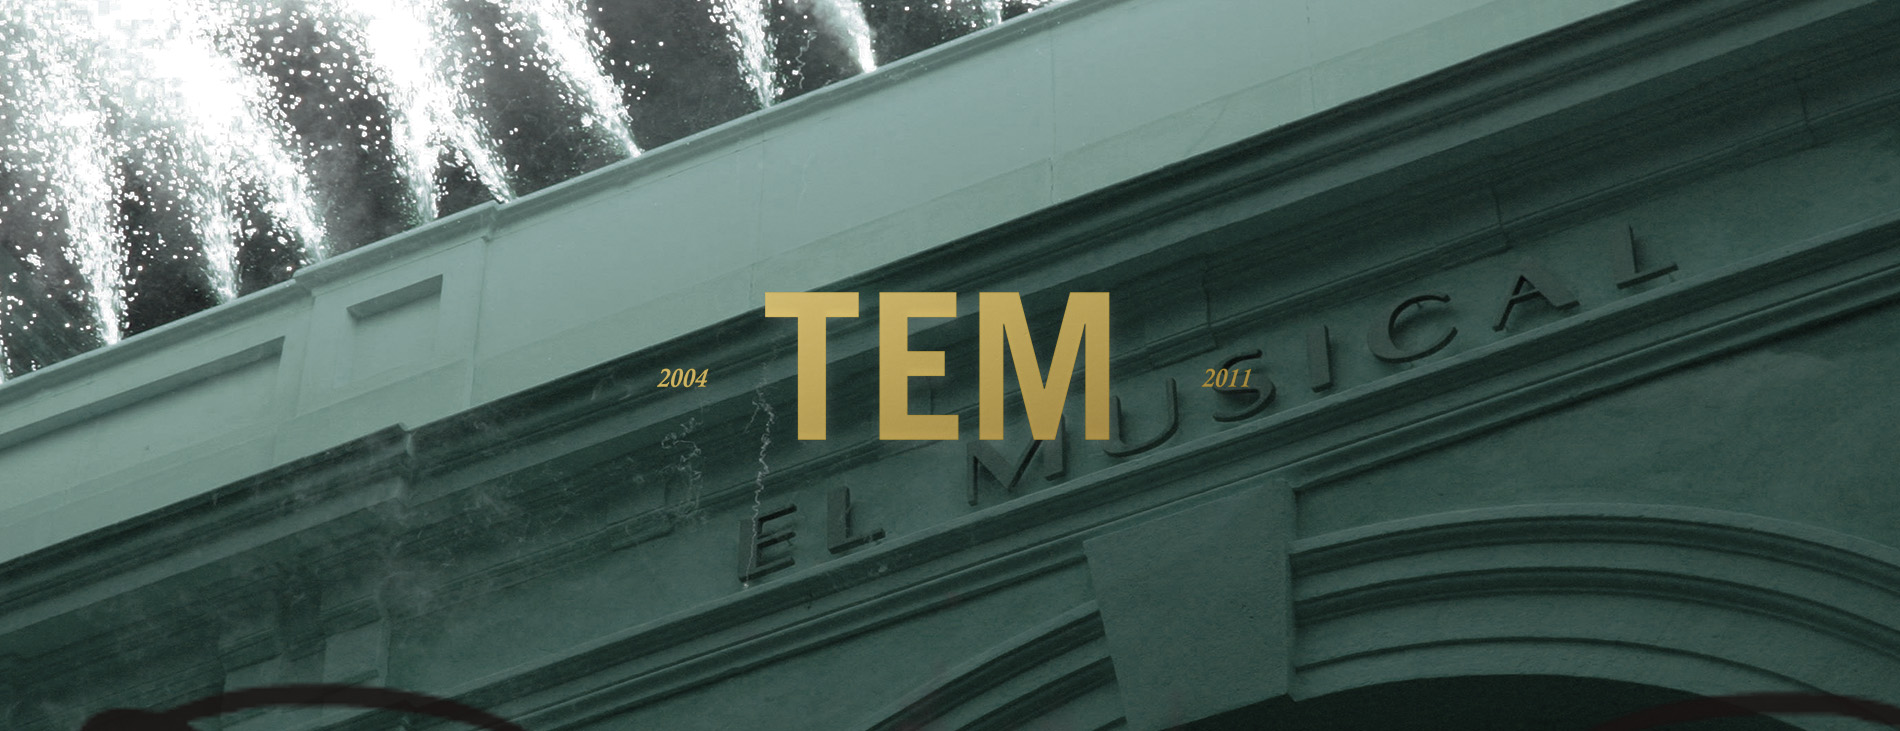 TEM cover